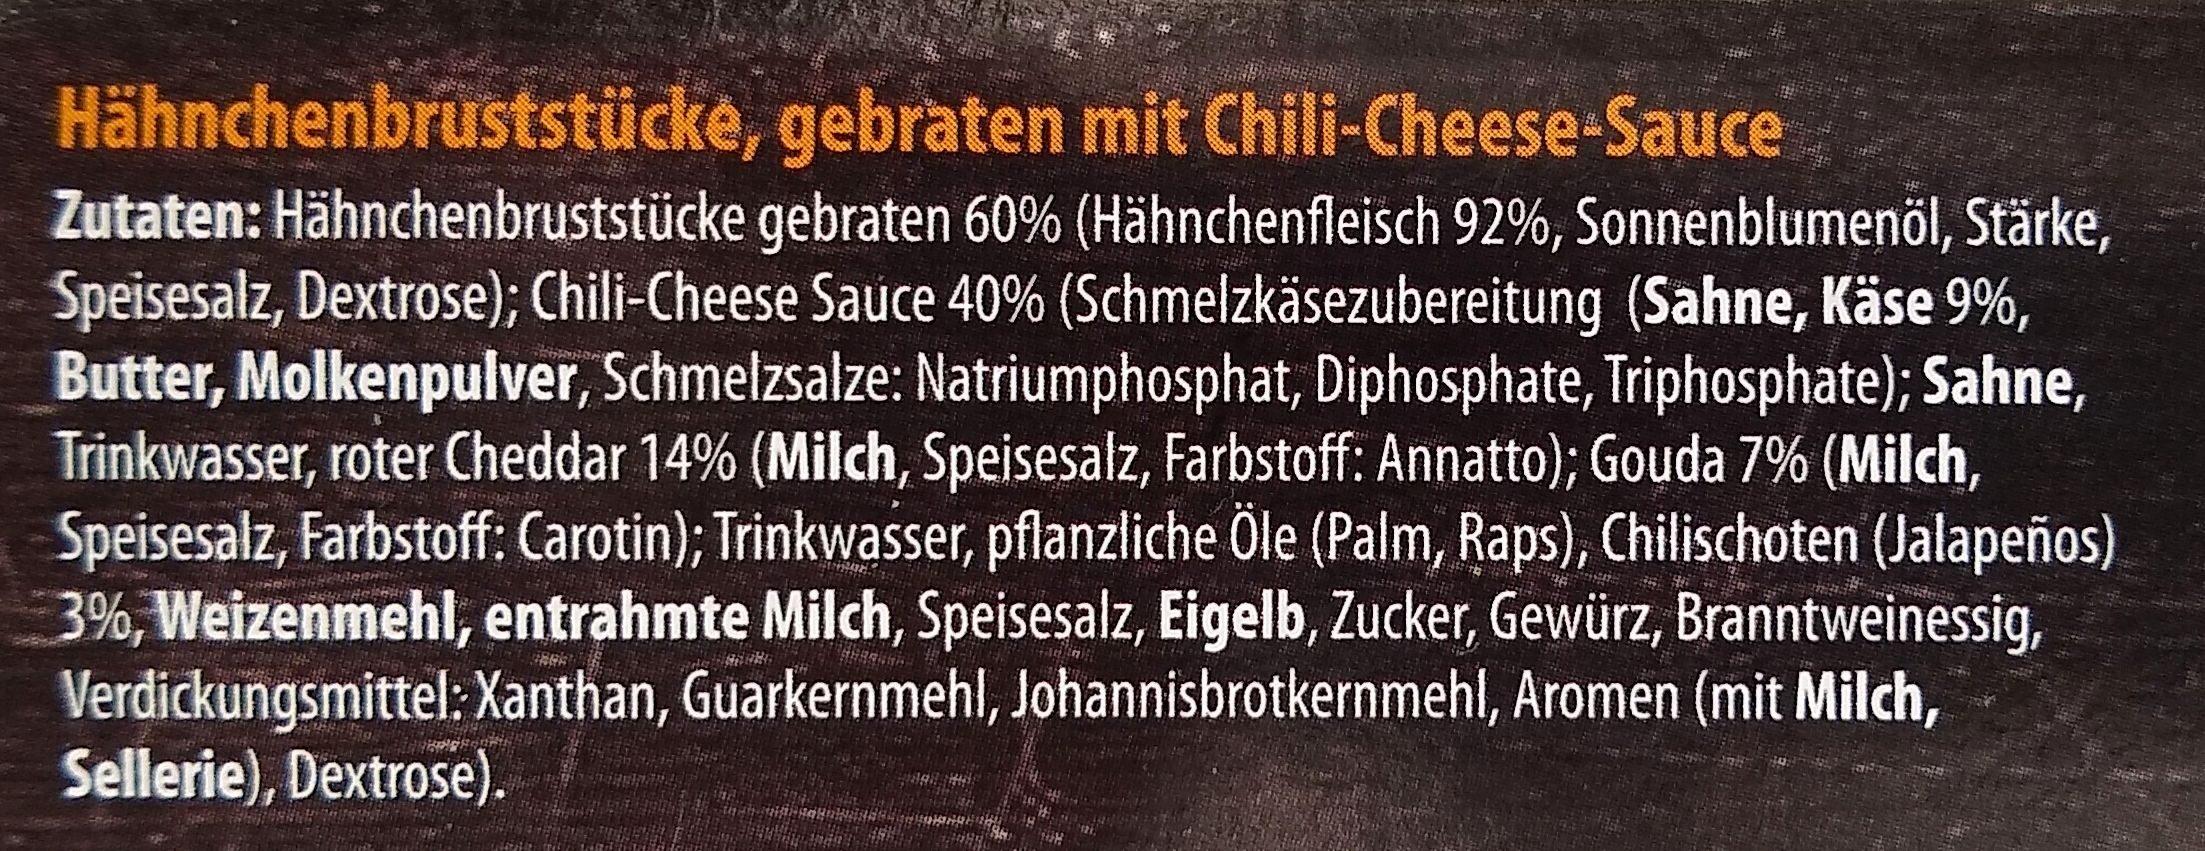 Chili-Cheese-Chicken - Ingredients - de